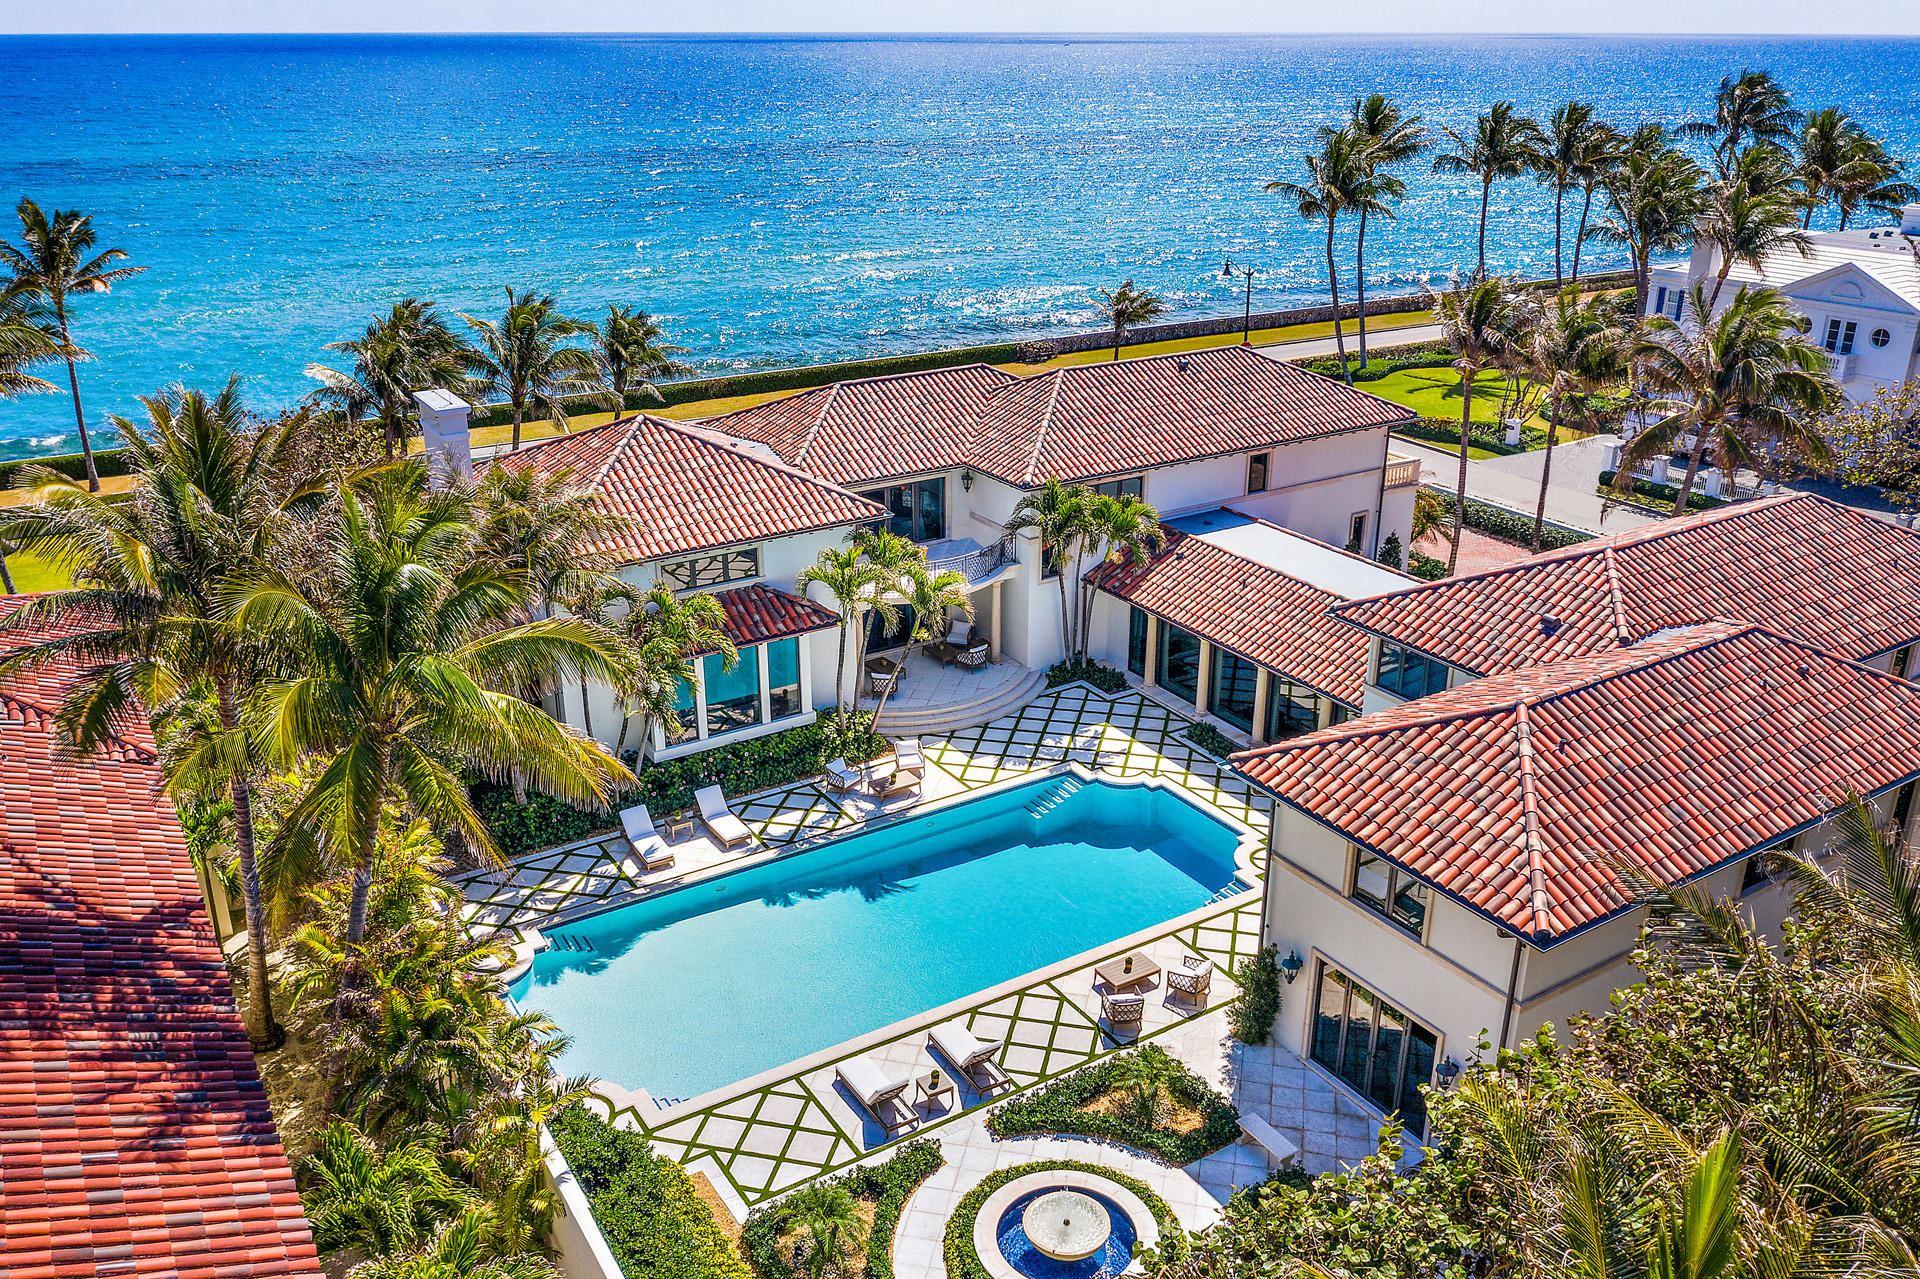 680 S Ocean Boulevard, Palm Beach, FL 33480 - #: RX-10622208